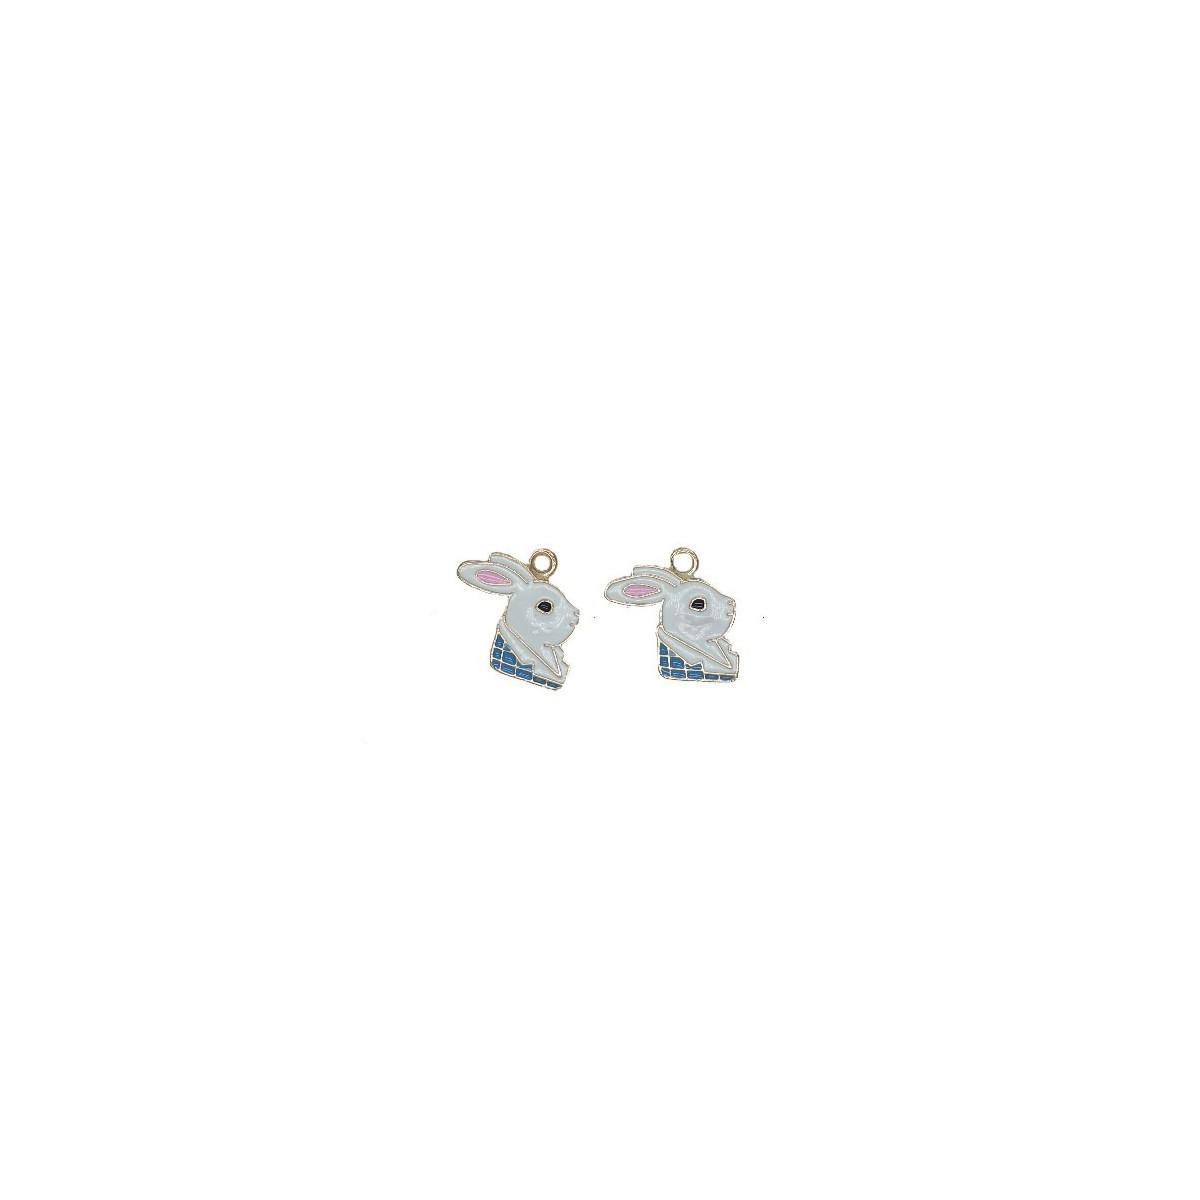 Charms Bianconiglio  mm 18 - 2 pezzi